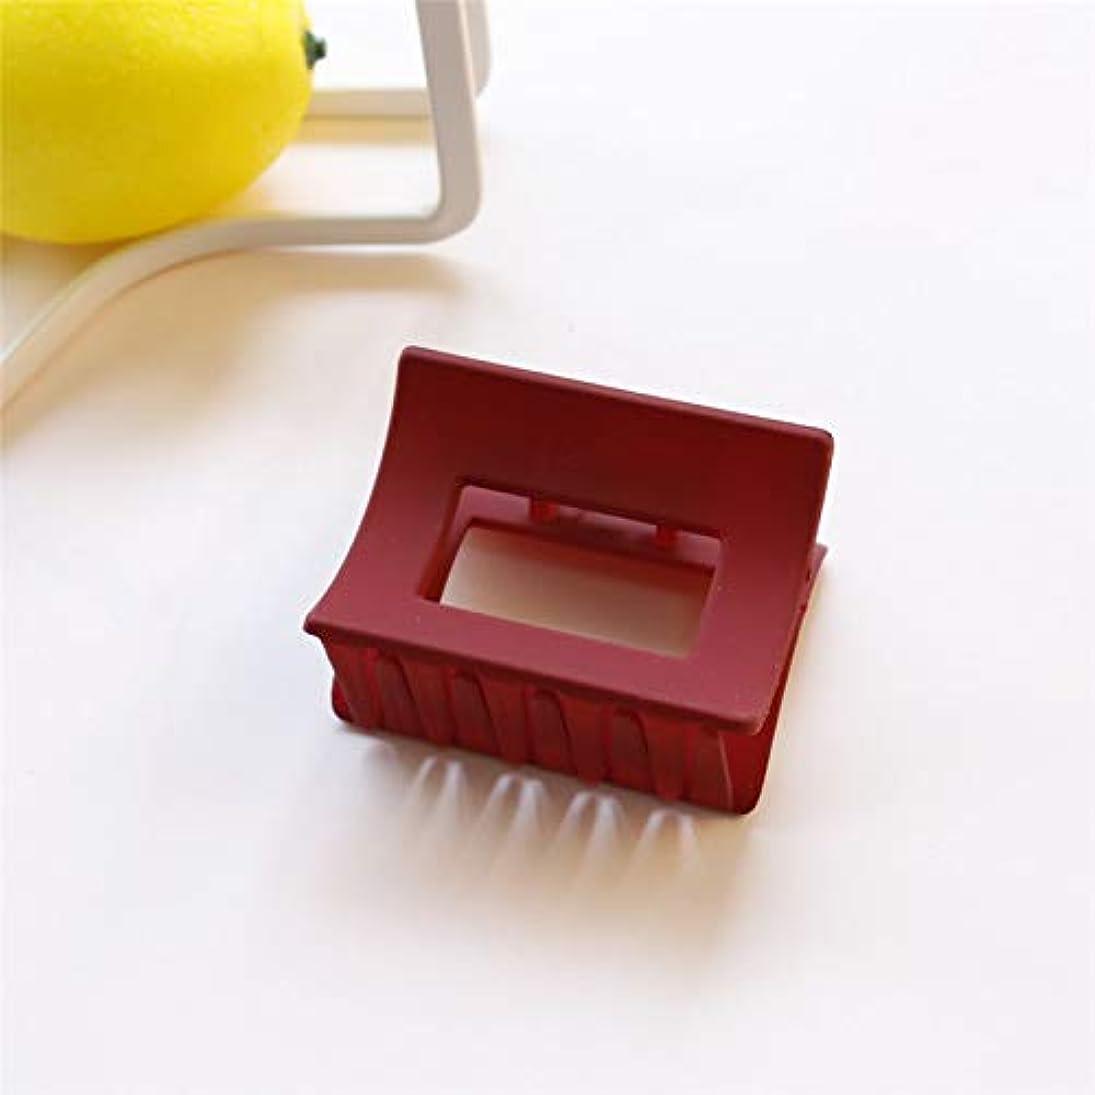 ボス略語両方HuaQingPiJu-JP 1Pc DIYマジックヘアレディースガールヘアピンハイクリップパーティーヘアスタイリングツールアクセサリー(レッド)